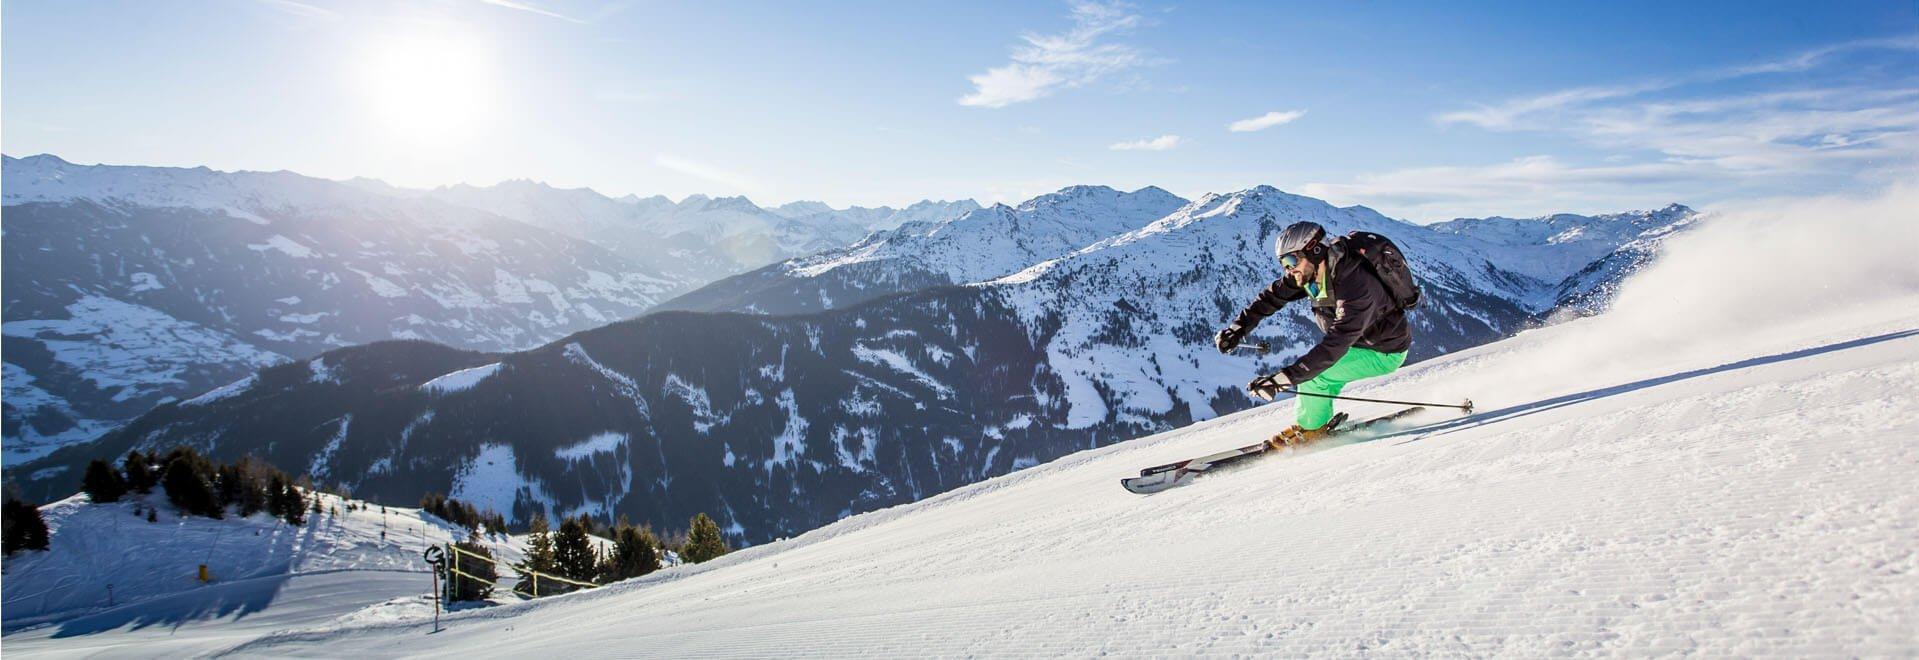 Skifahren Spieljoch Zillertal